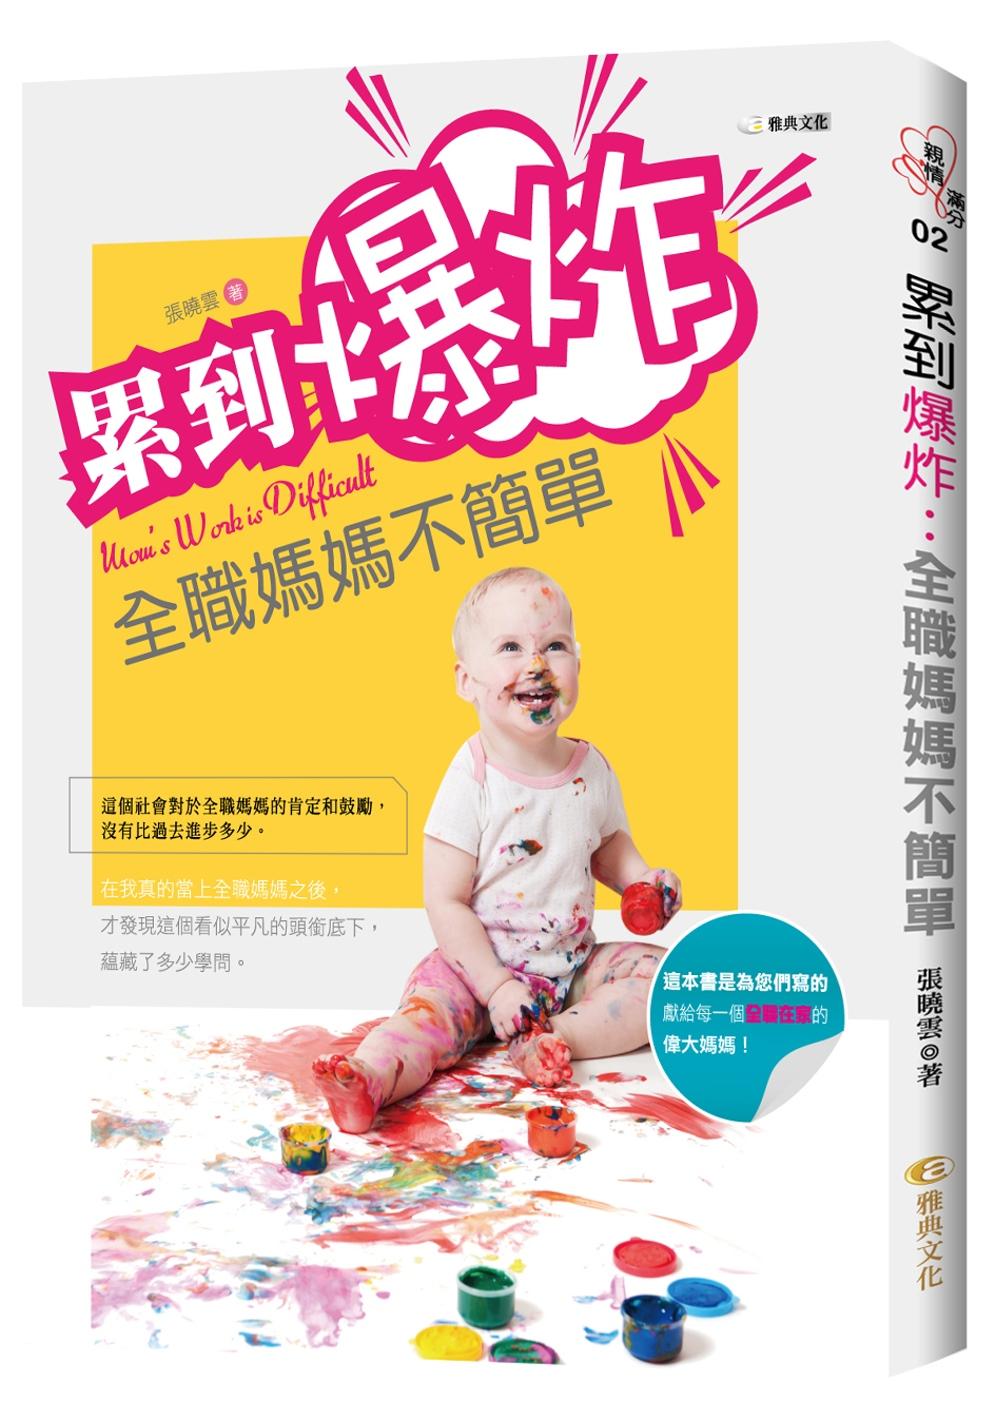 ◤博客來BOOKS◢ 暢銷書榜《推薦》累到爆炸:全職媽媽不簡單